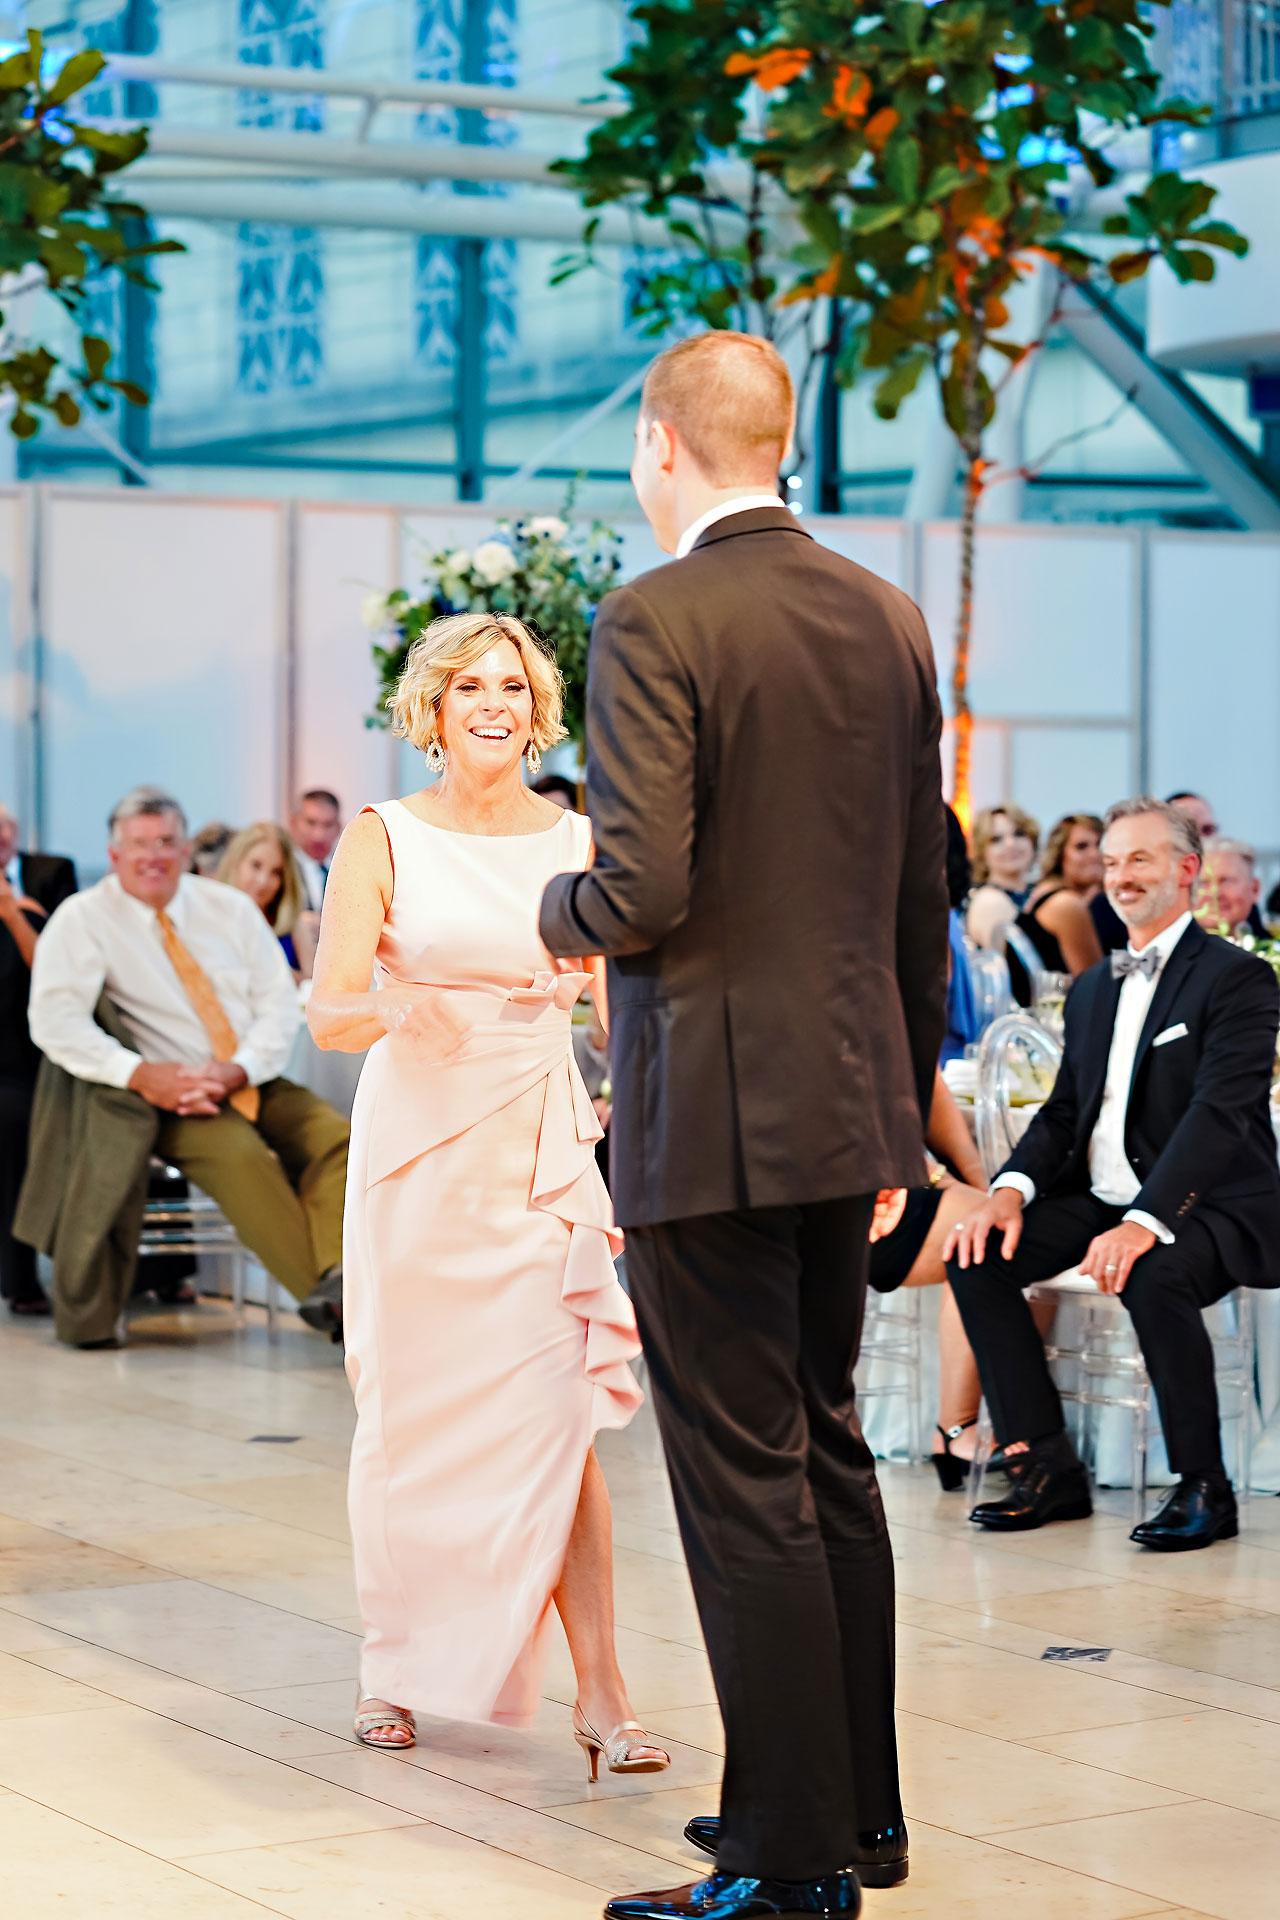 Liz Zach Conrad Artsgarden Indianapolis Wedding 267